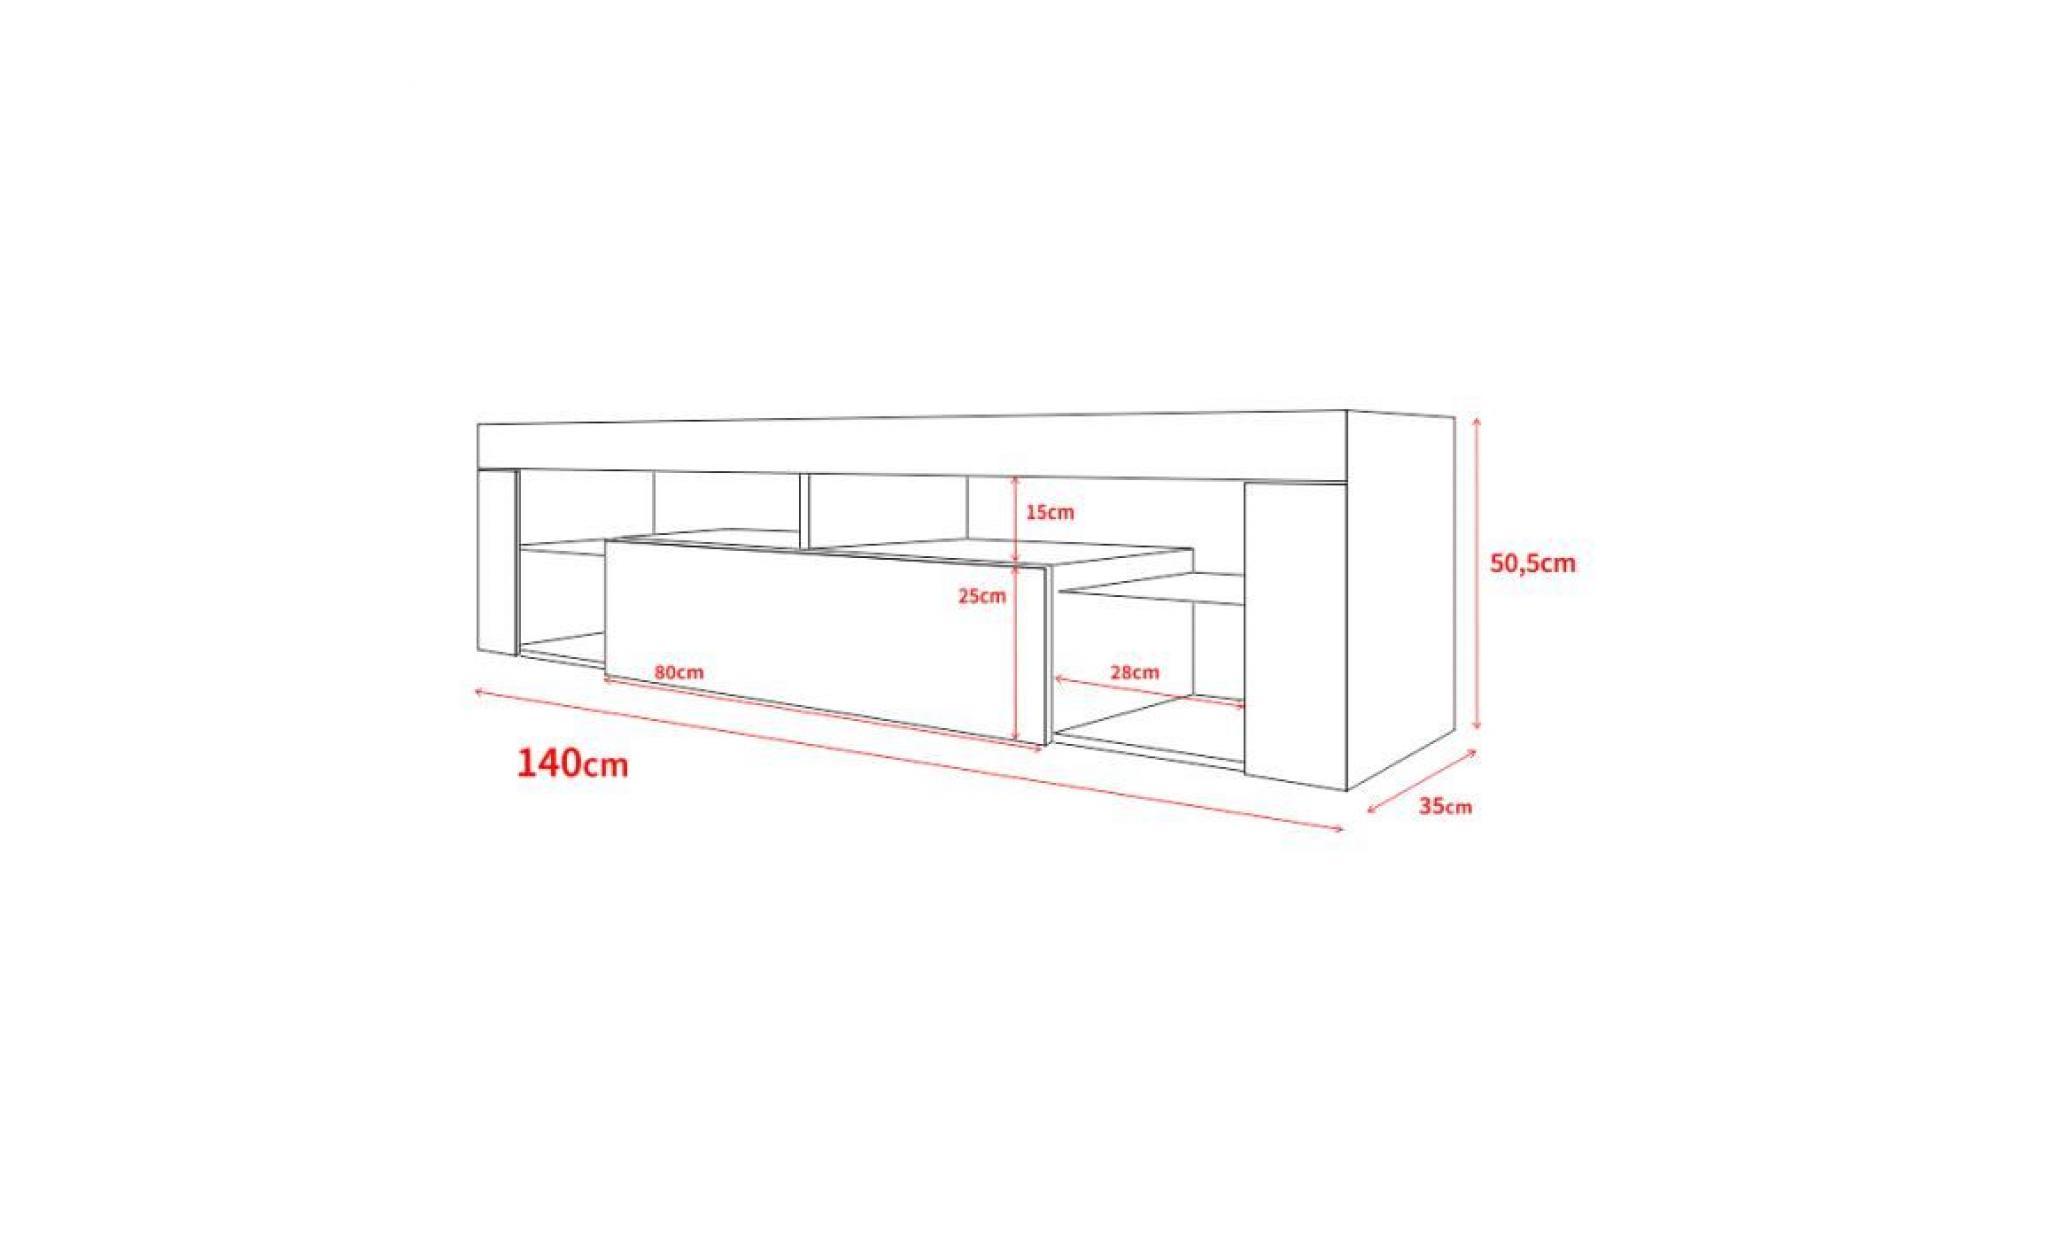 Meuble Tv / Meuble De Salon Hugo 140 Cm Blanc Mat / Noir Brillant Avec Led